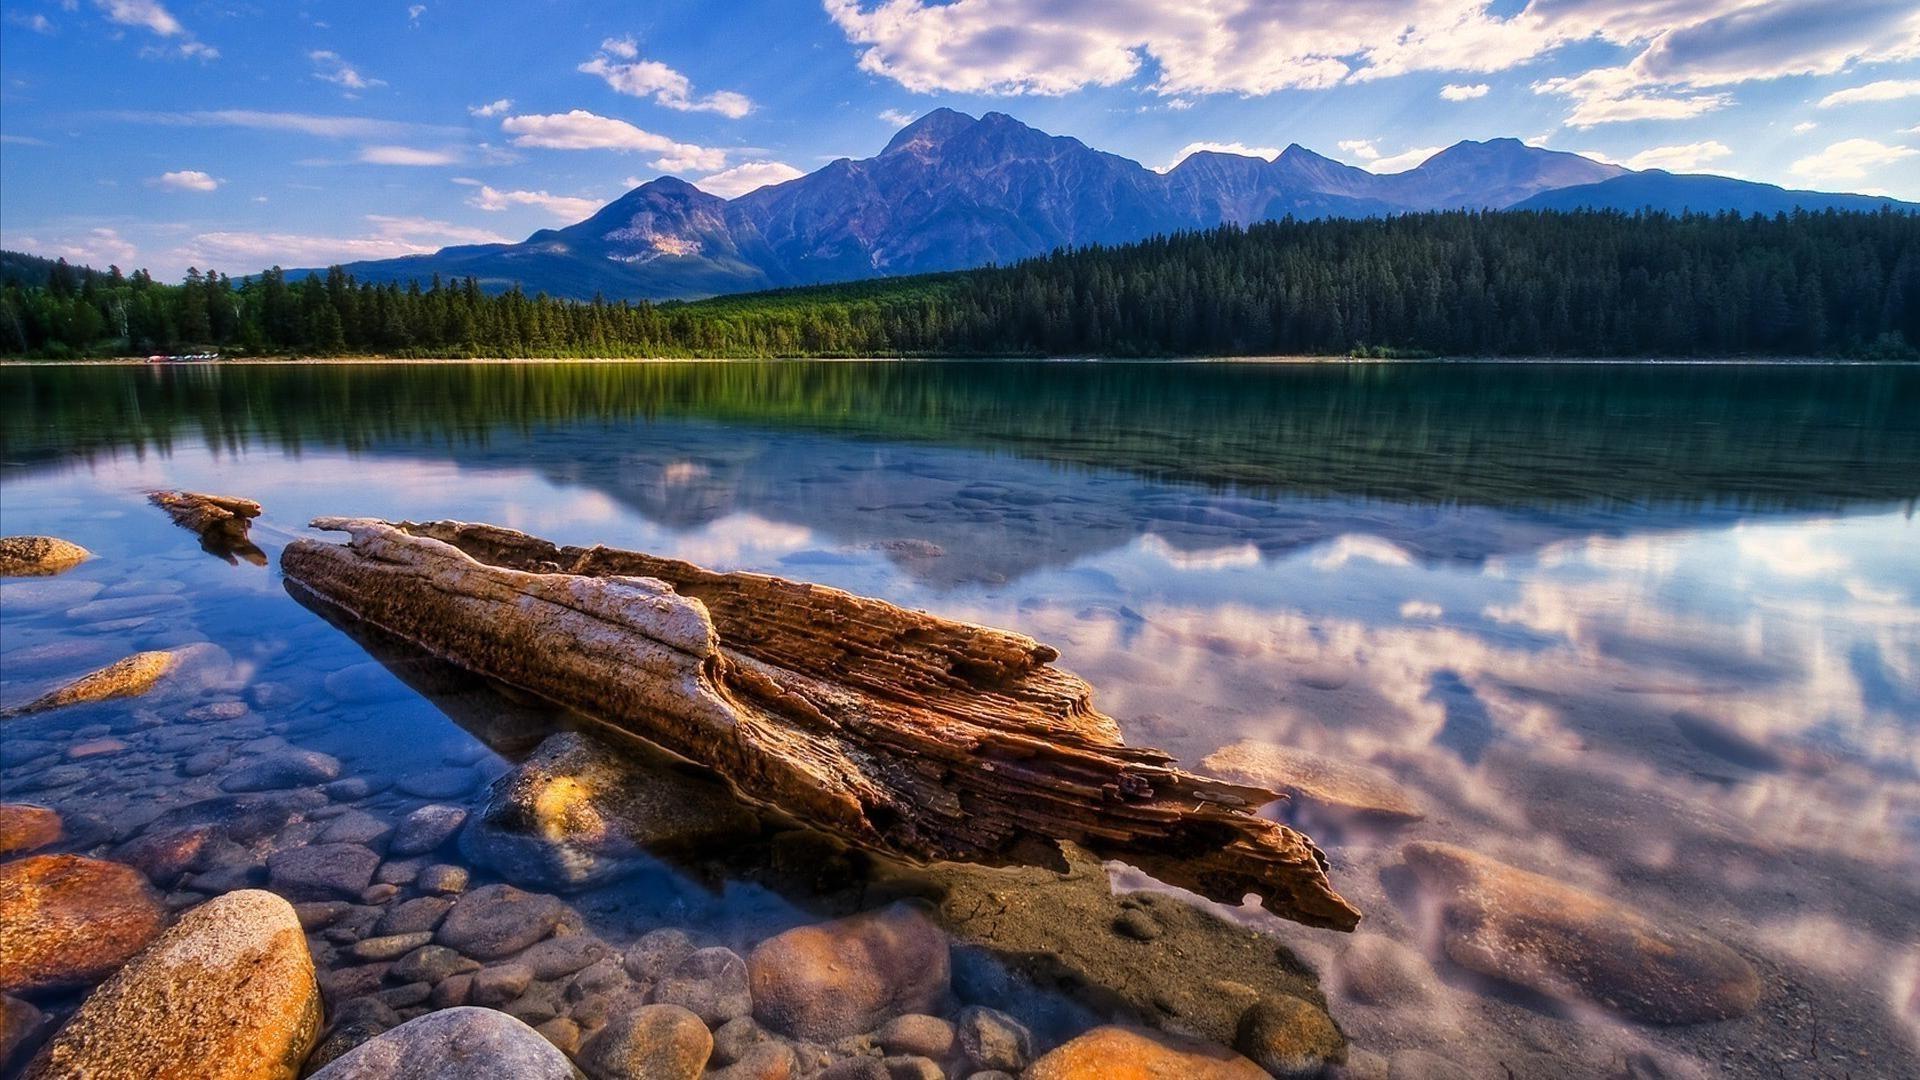 Облака над озером, галька, горы, лес  № 2950399 бесплатно